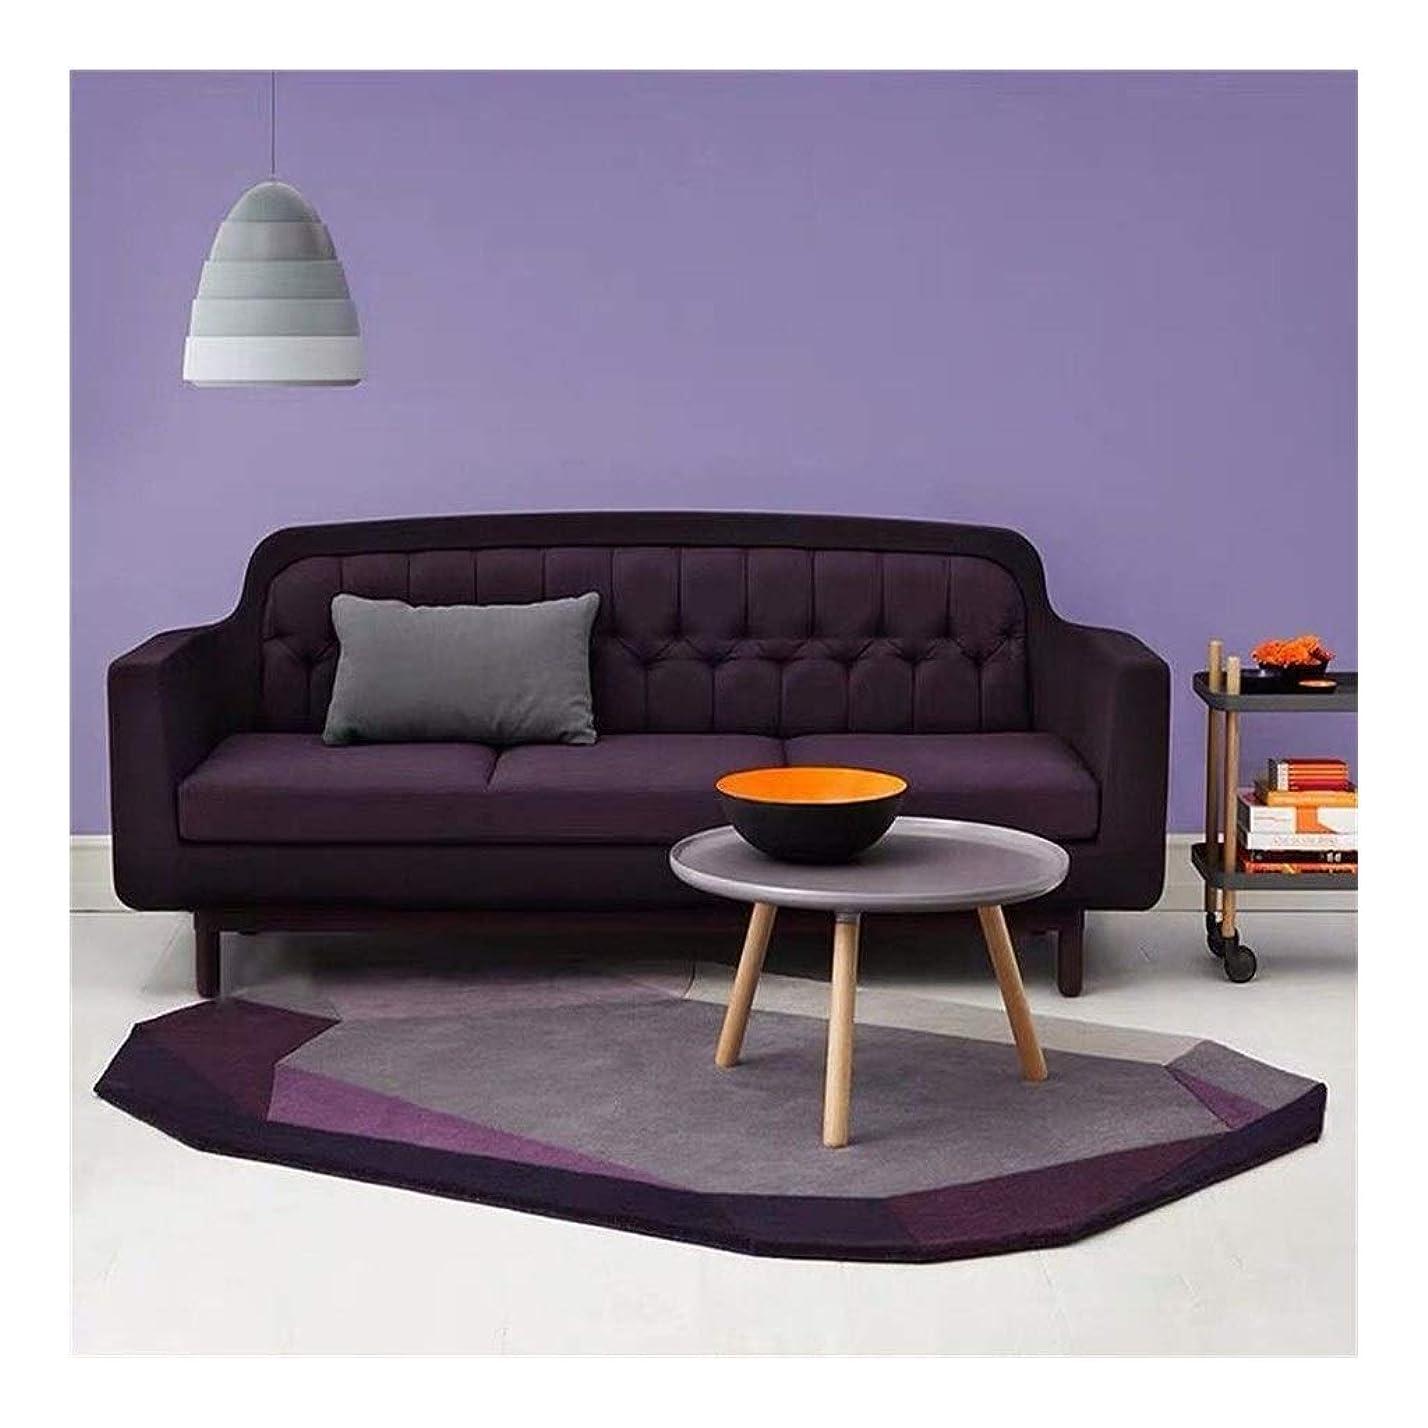 デザイナーアブセイ混乱ラグ、フロアマット、毛むくじゃらの房状のベルベットのリビングルームのソファコーヒーテーブルのベッドルームのベッドサイドのスタディルームの装飾不規則なカーペット (Size : 140×200cm)